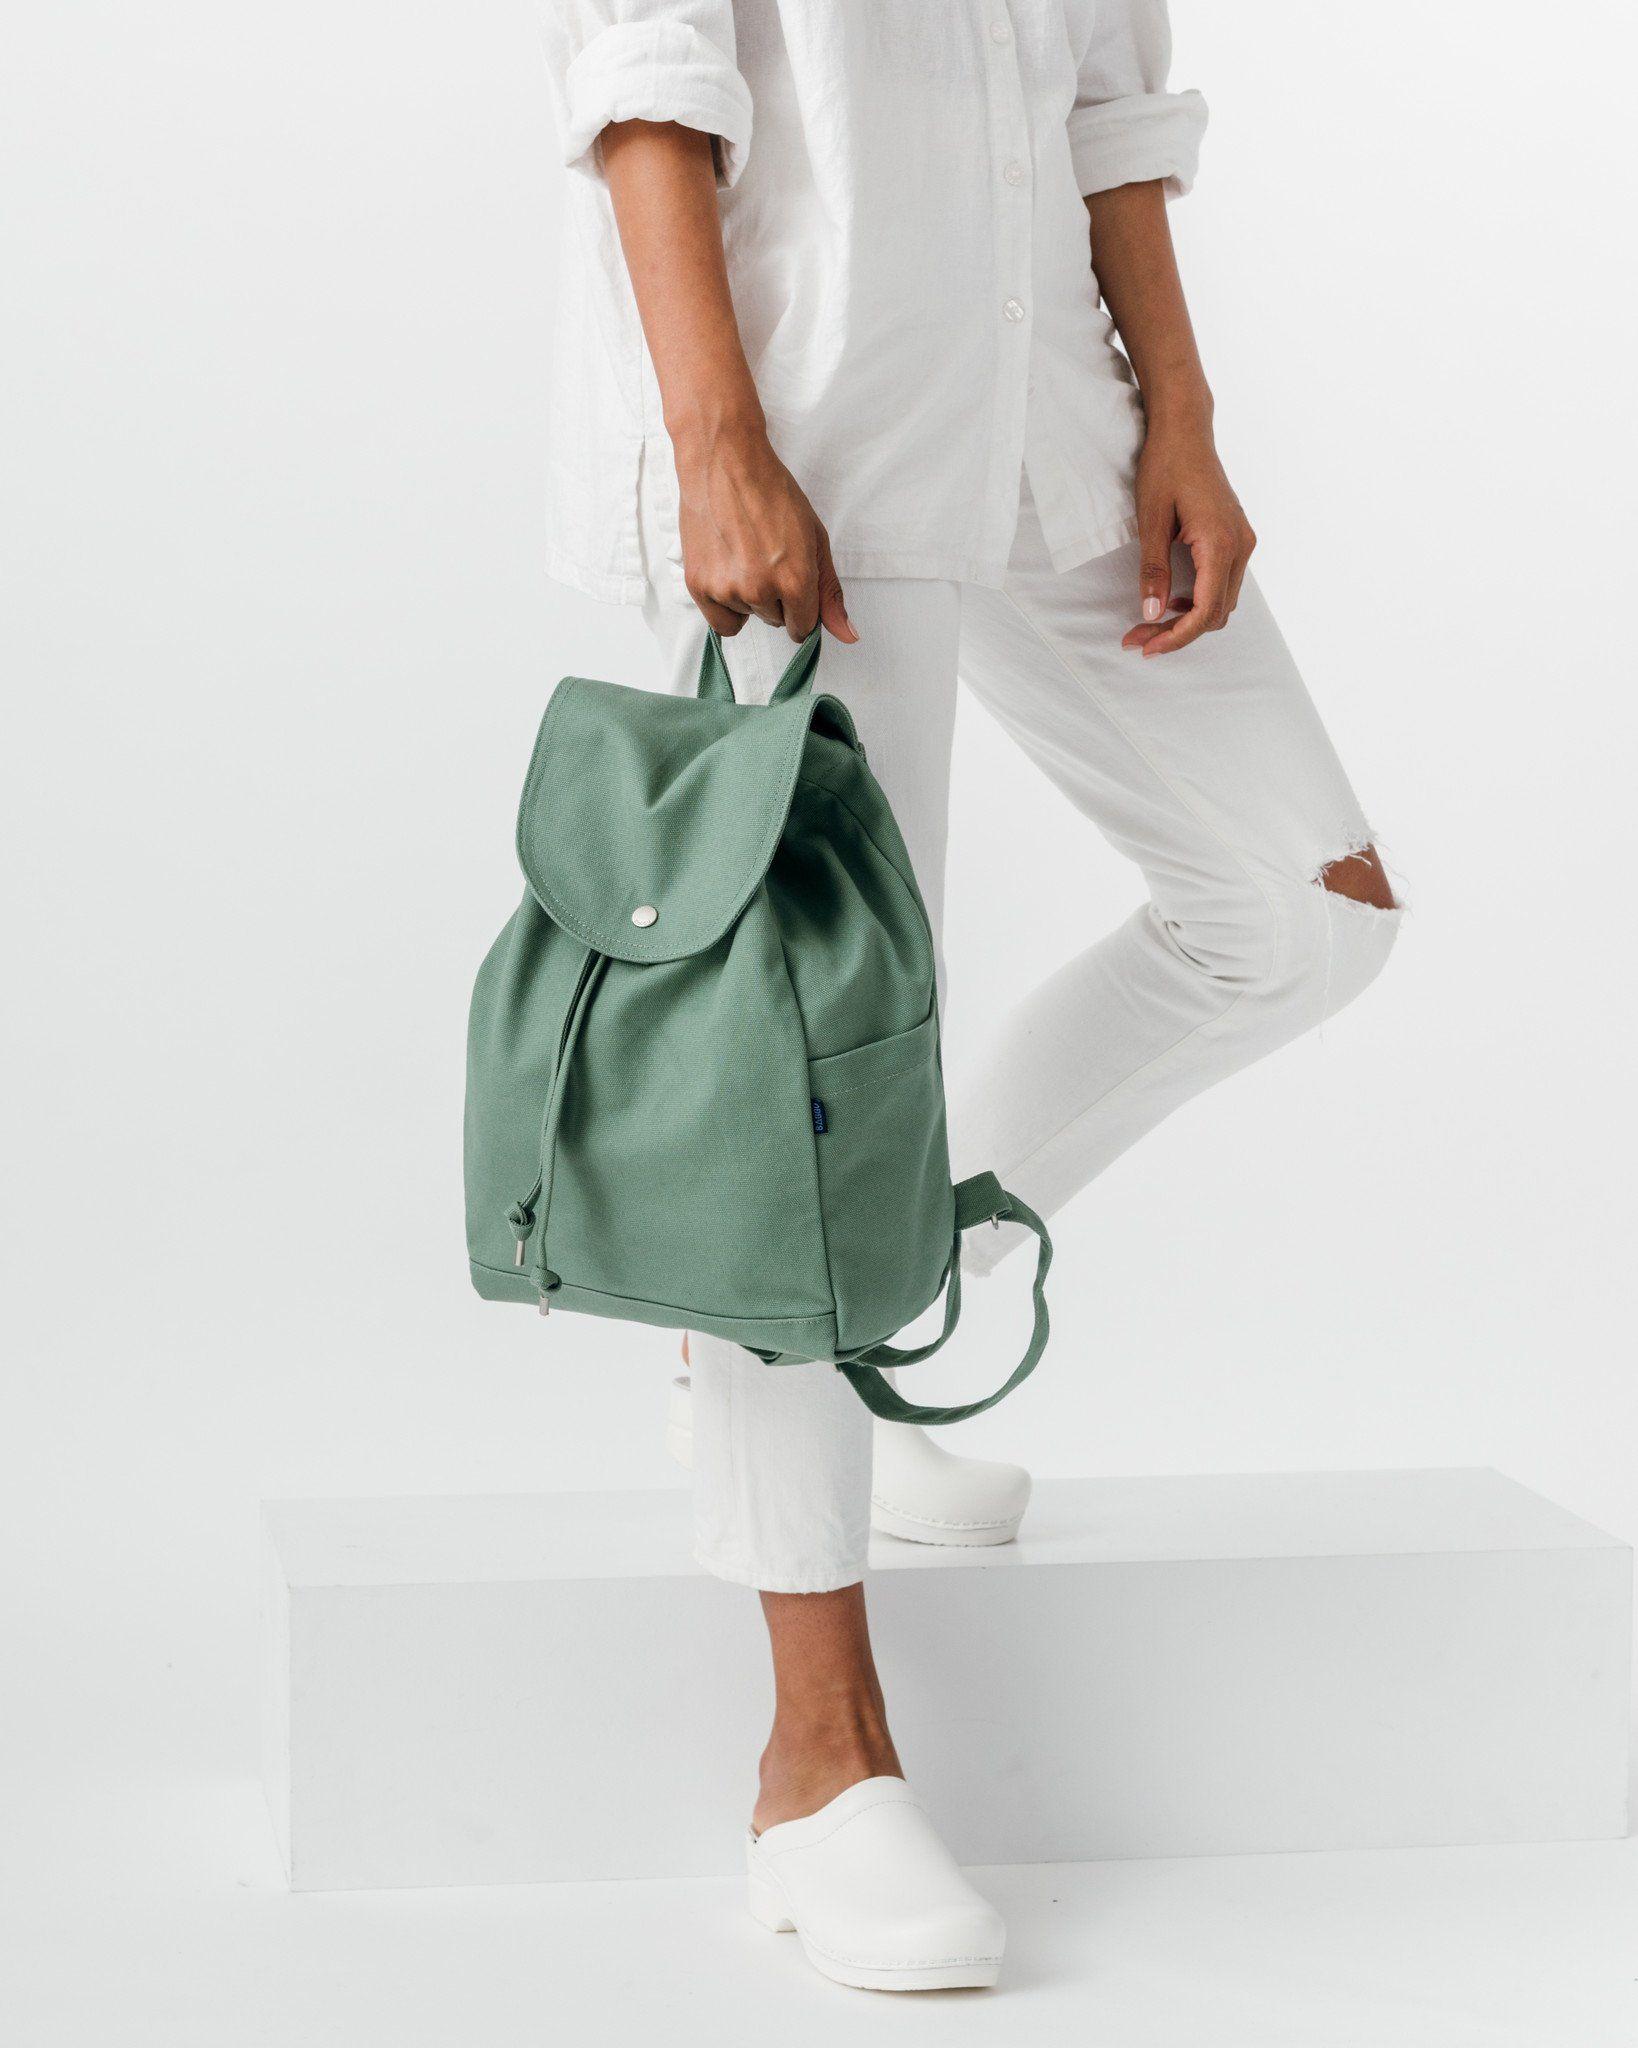 Drawstring Backpack - Olive – BAGGU  91a0f78ae7b58